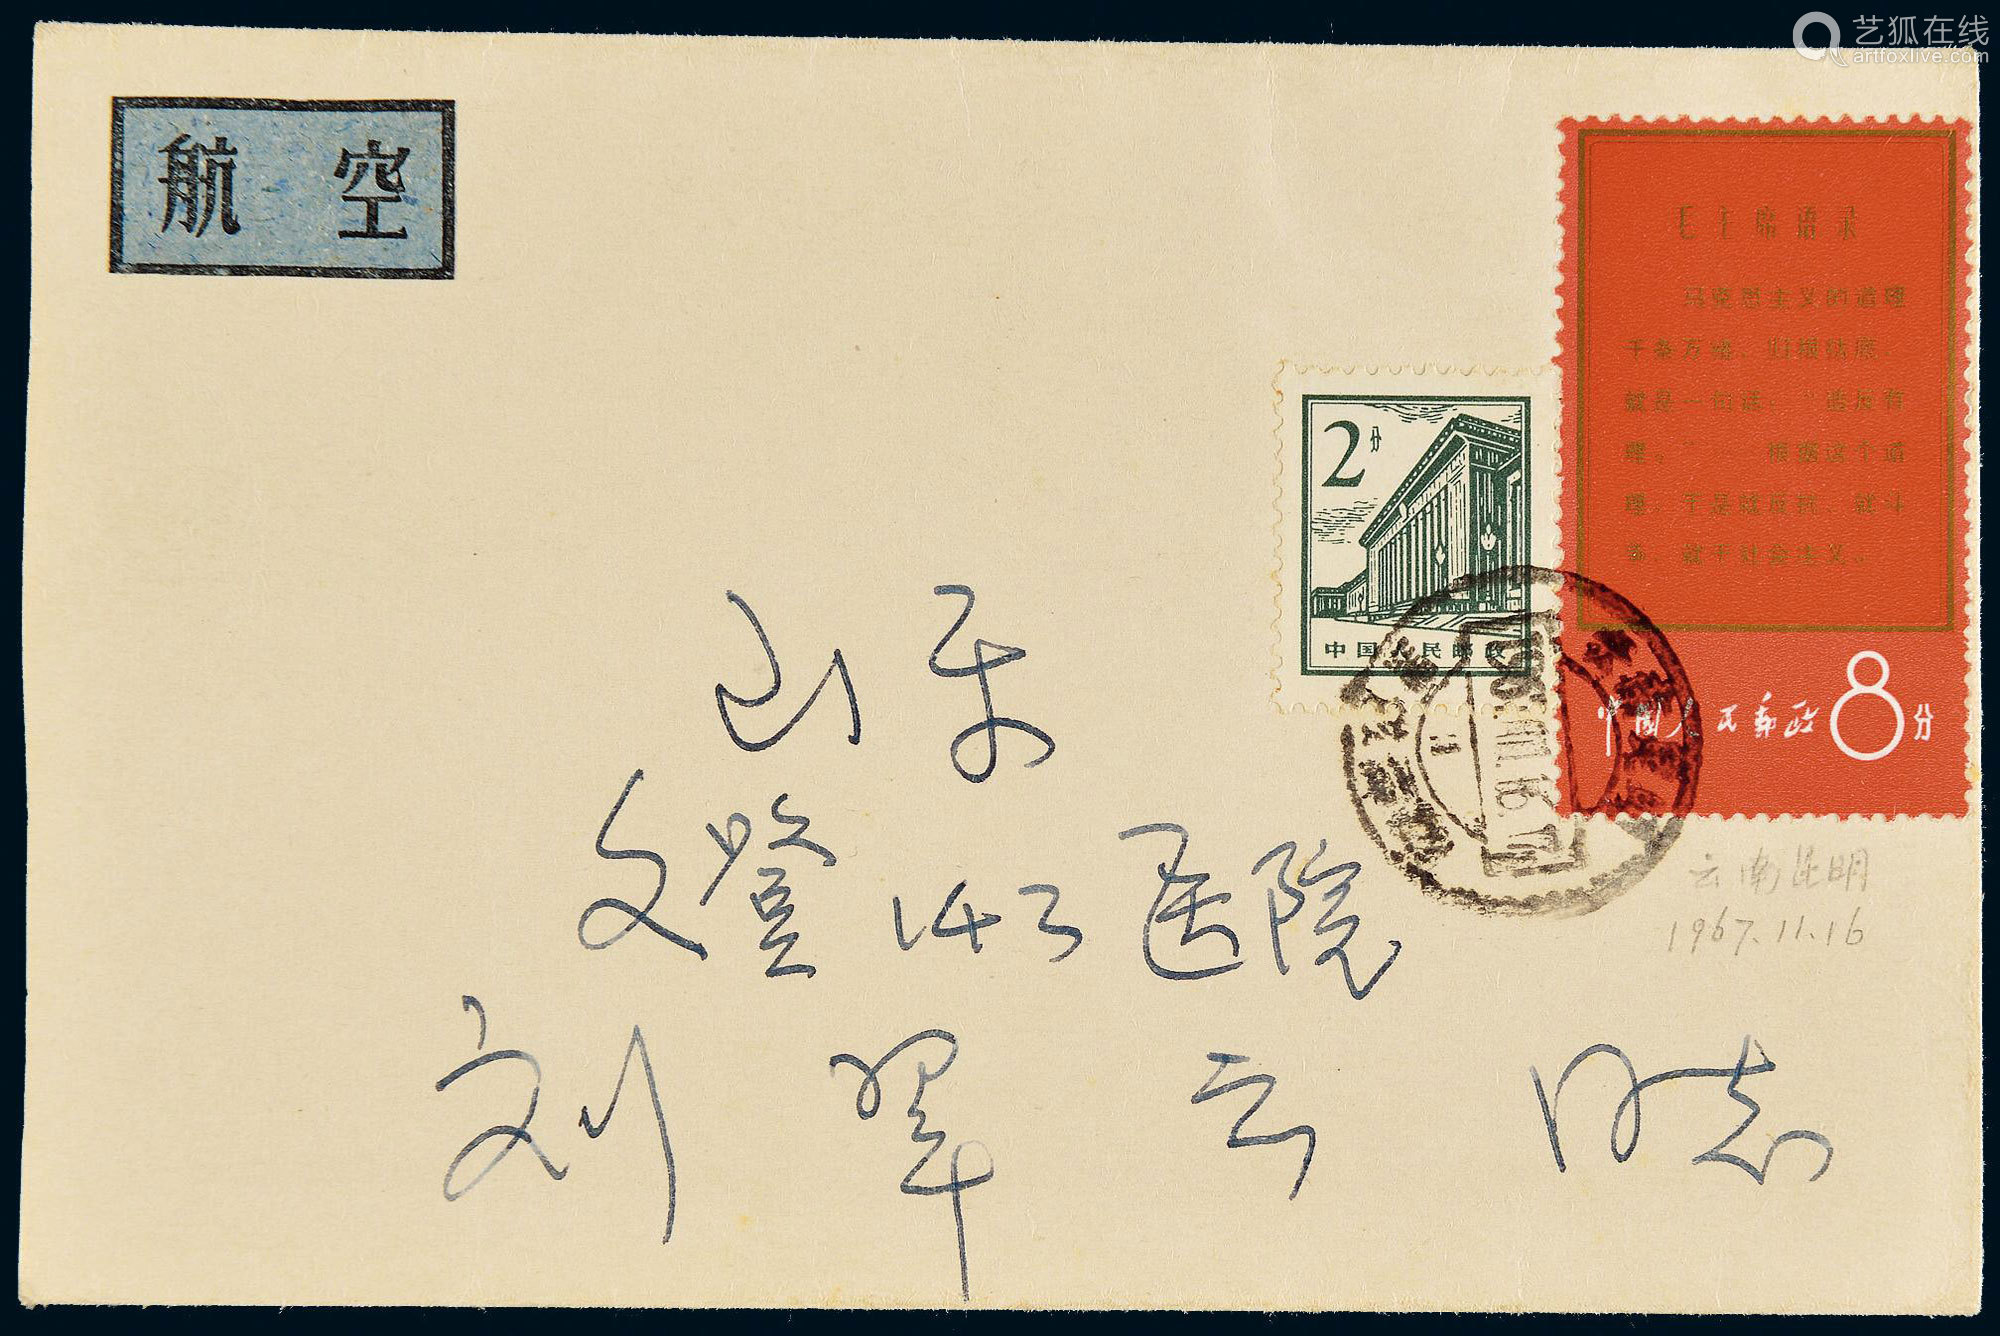 1967年云南昆明寄山东文登国内航空封